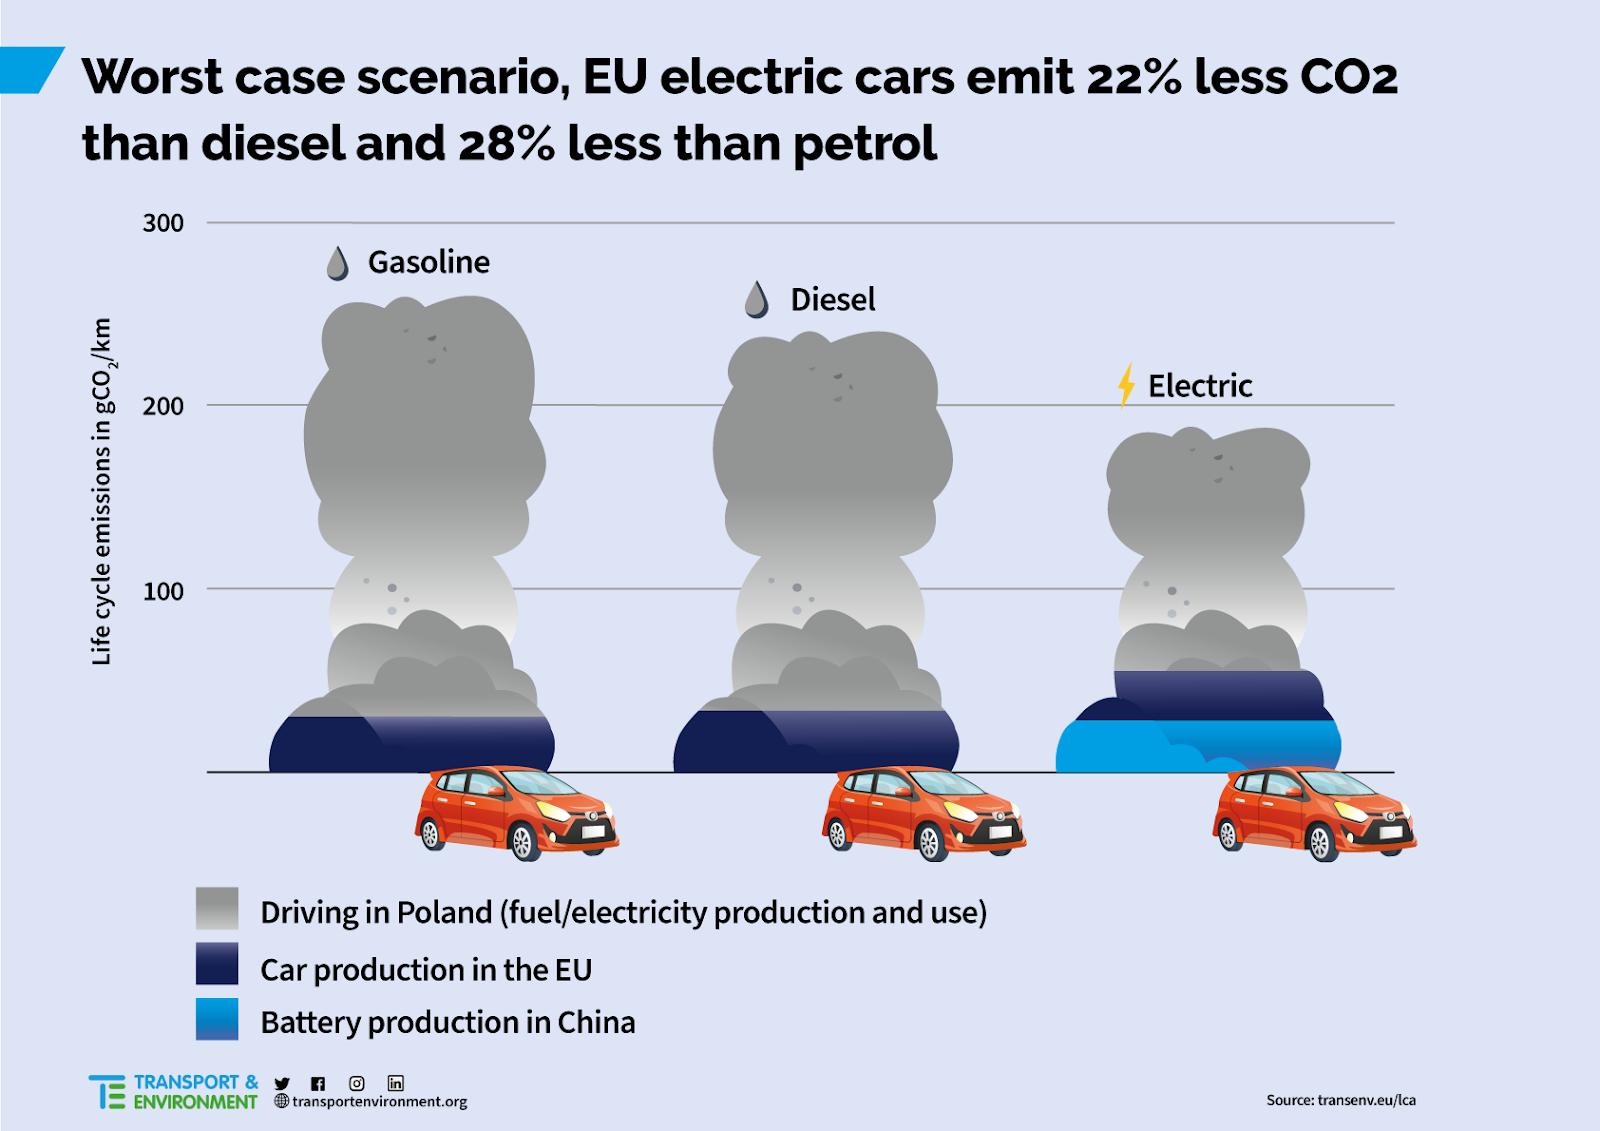 Comparaison du bilan carbone entre une voiture électrique et une voiture thermique